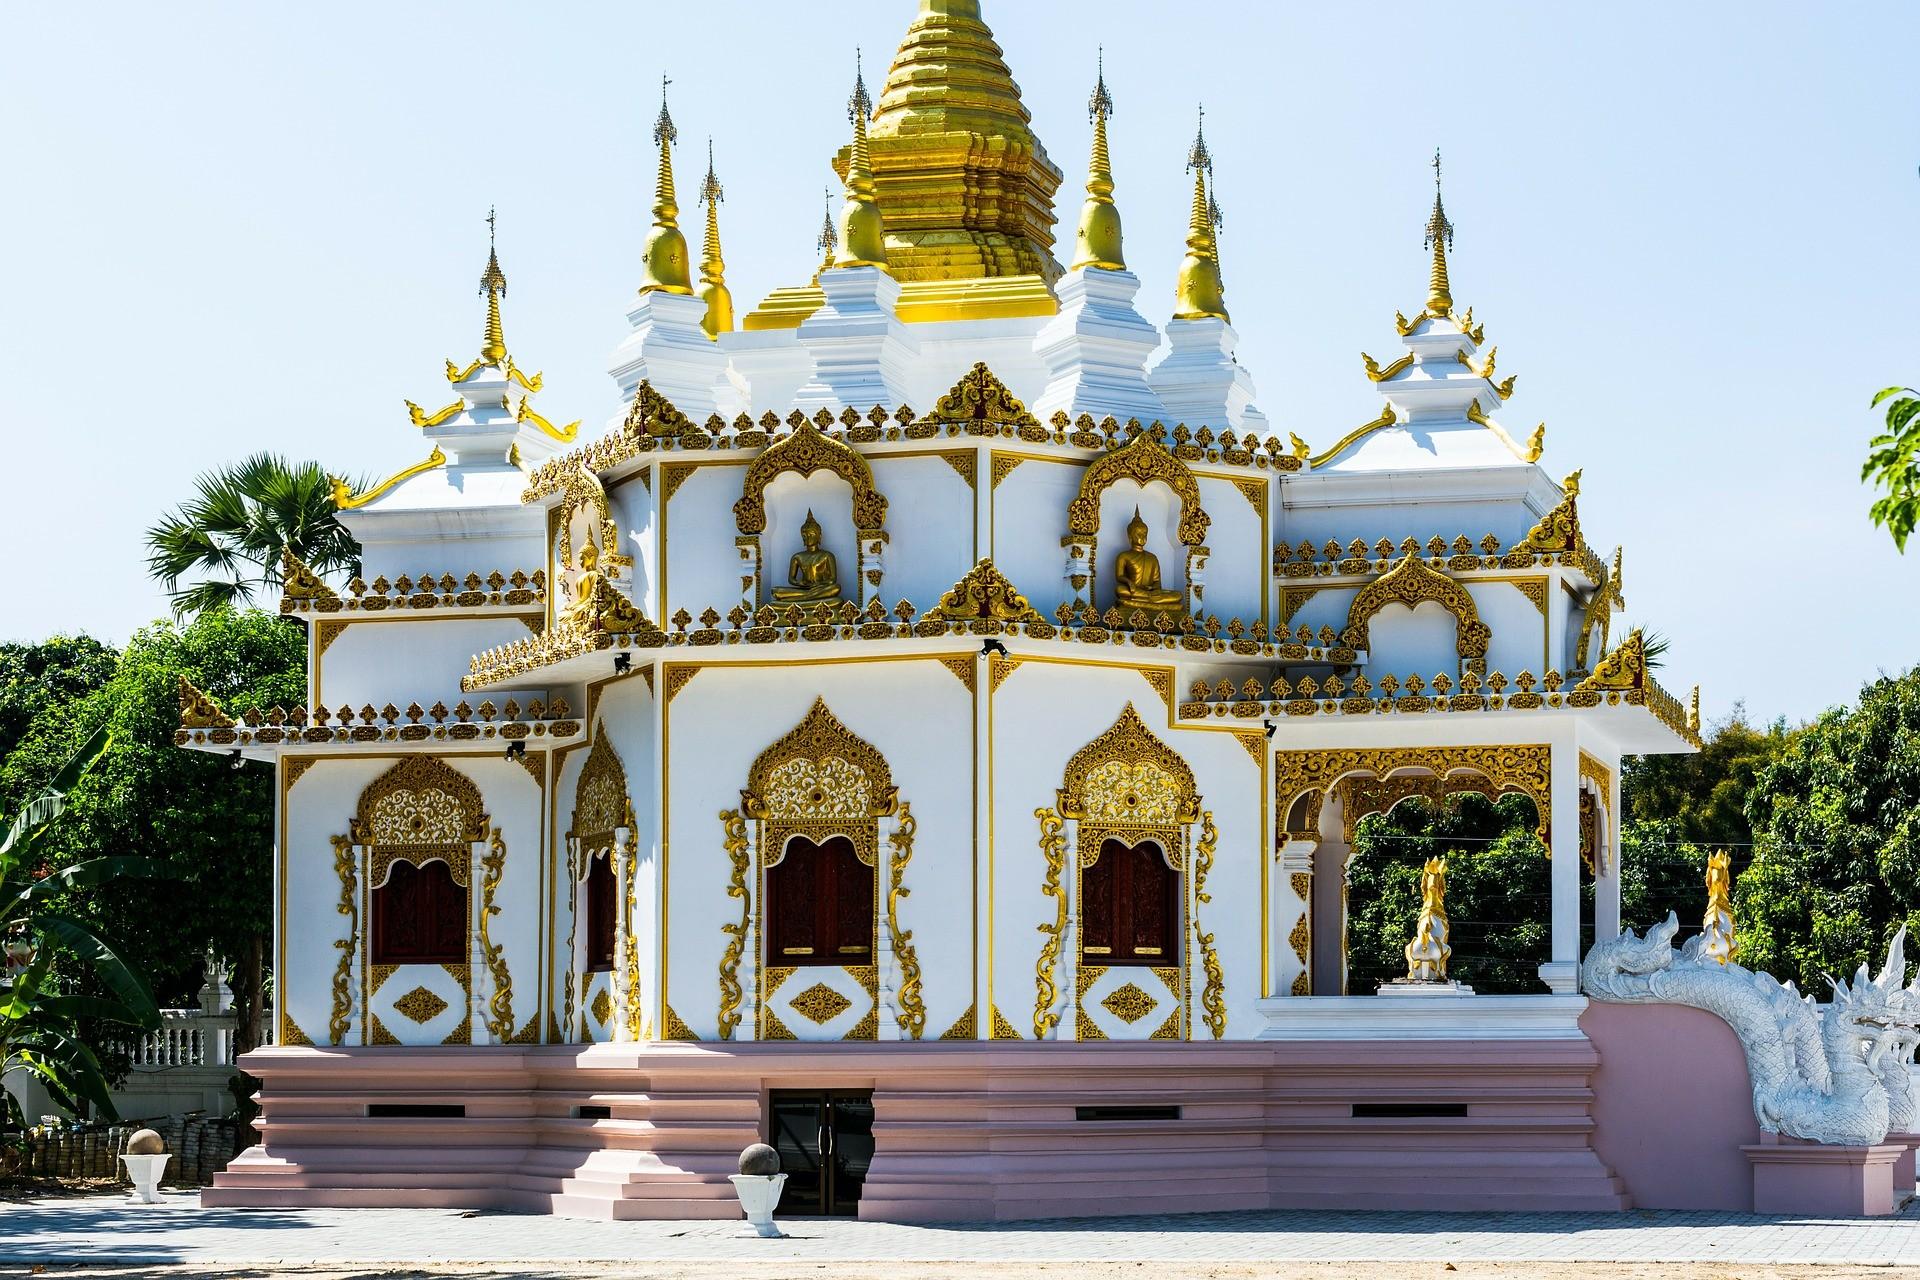 temple-complex-266266_1920